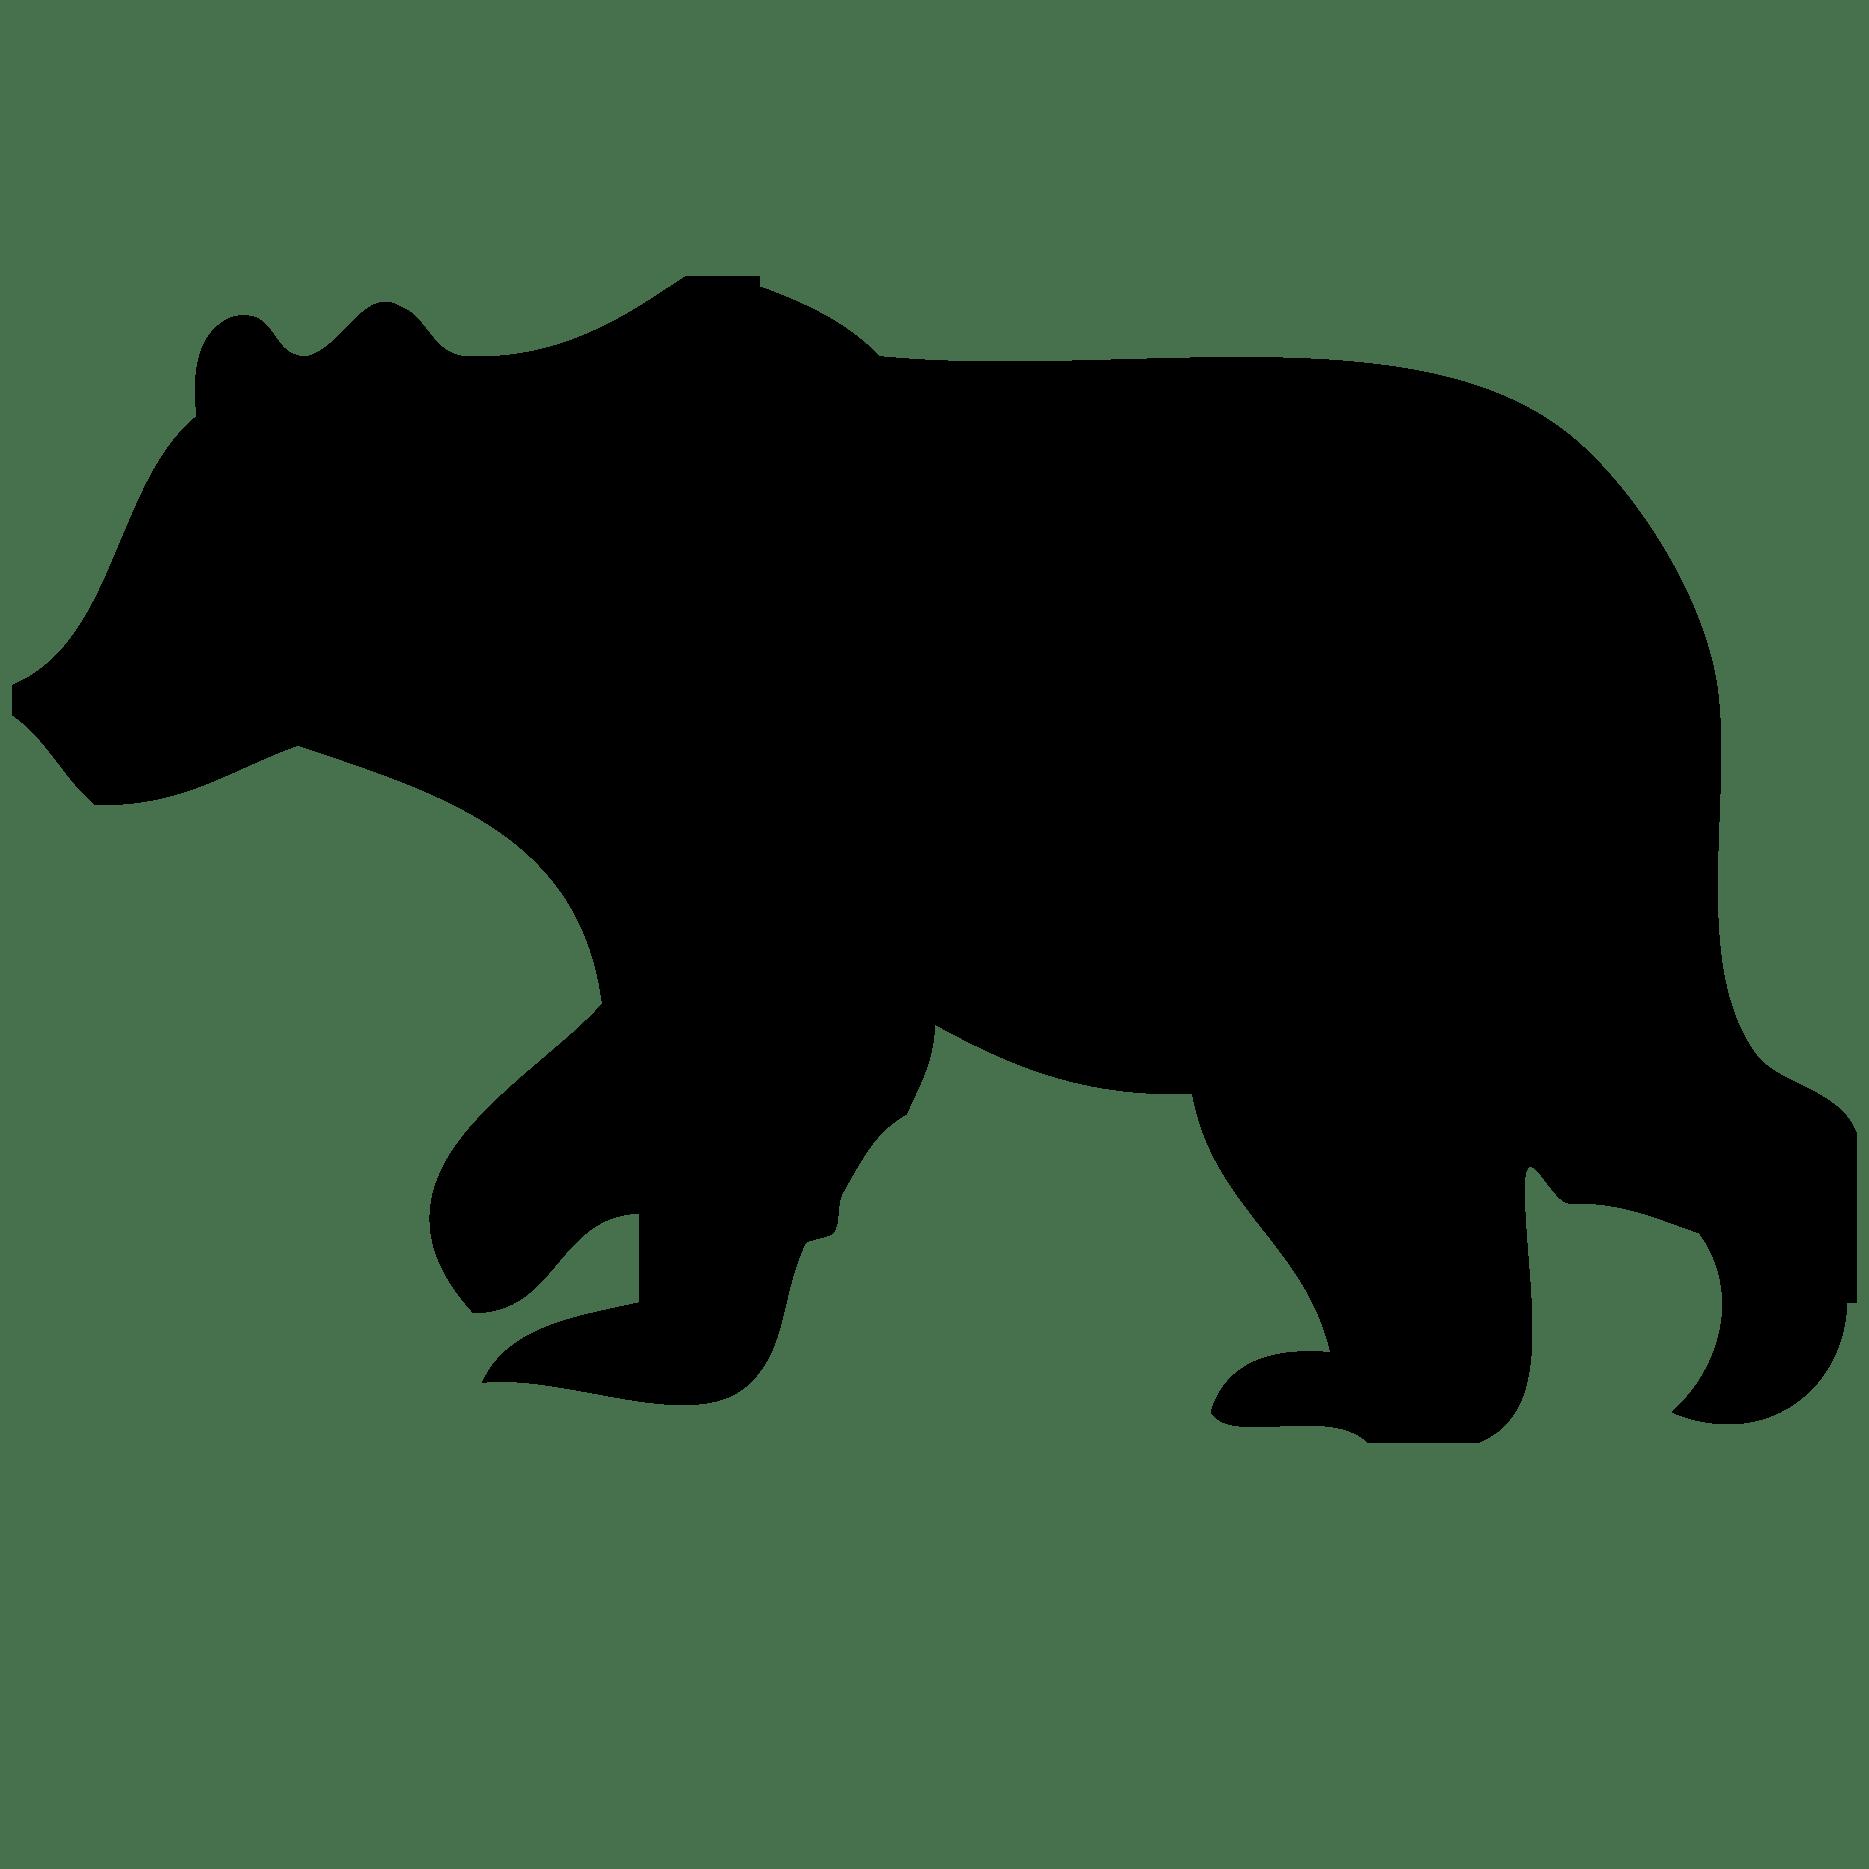 1869x1869 Bear Cub Silhouette Clip Art